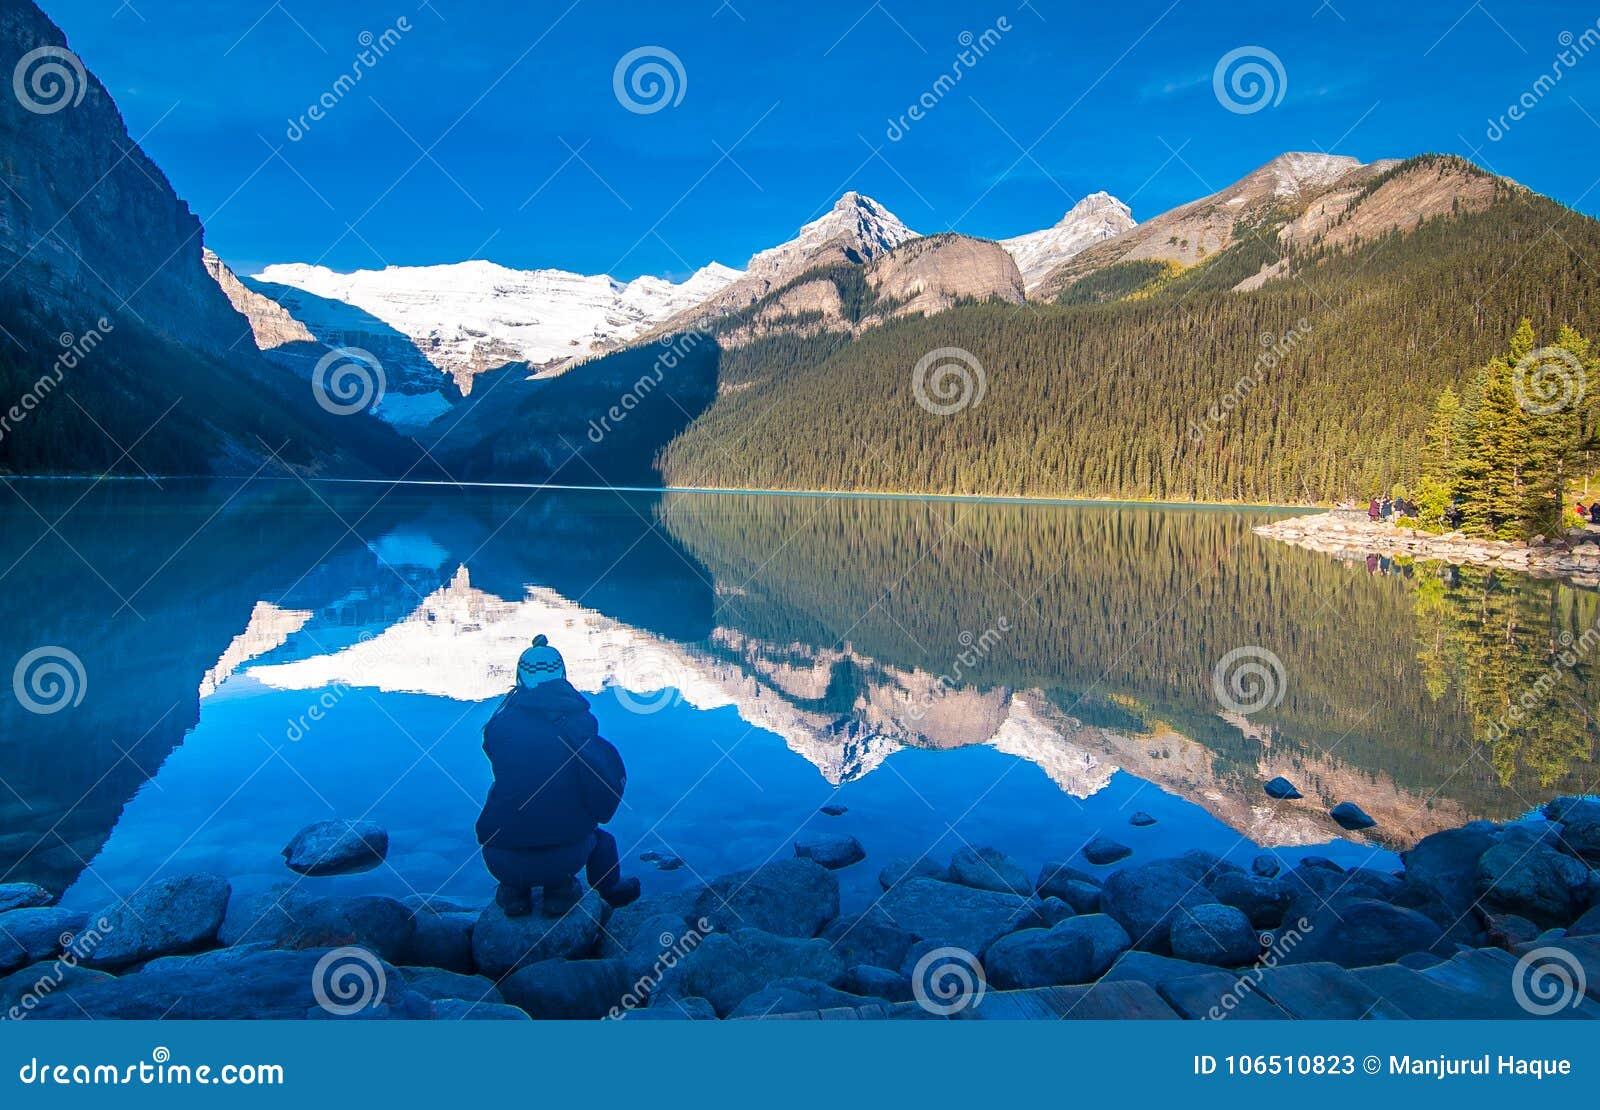 Ragazza che gode della riflessione dell albero nevoso del sempreverde e della montagna nell acqua di Lake Louise